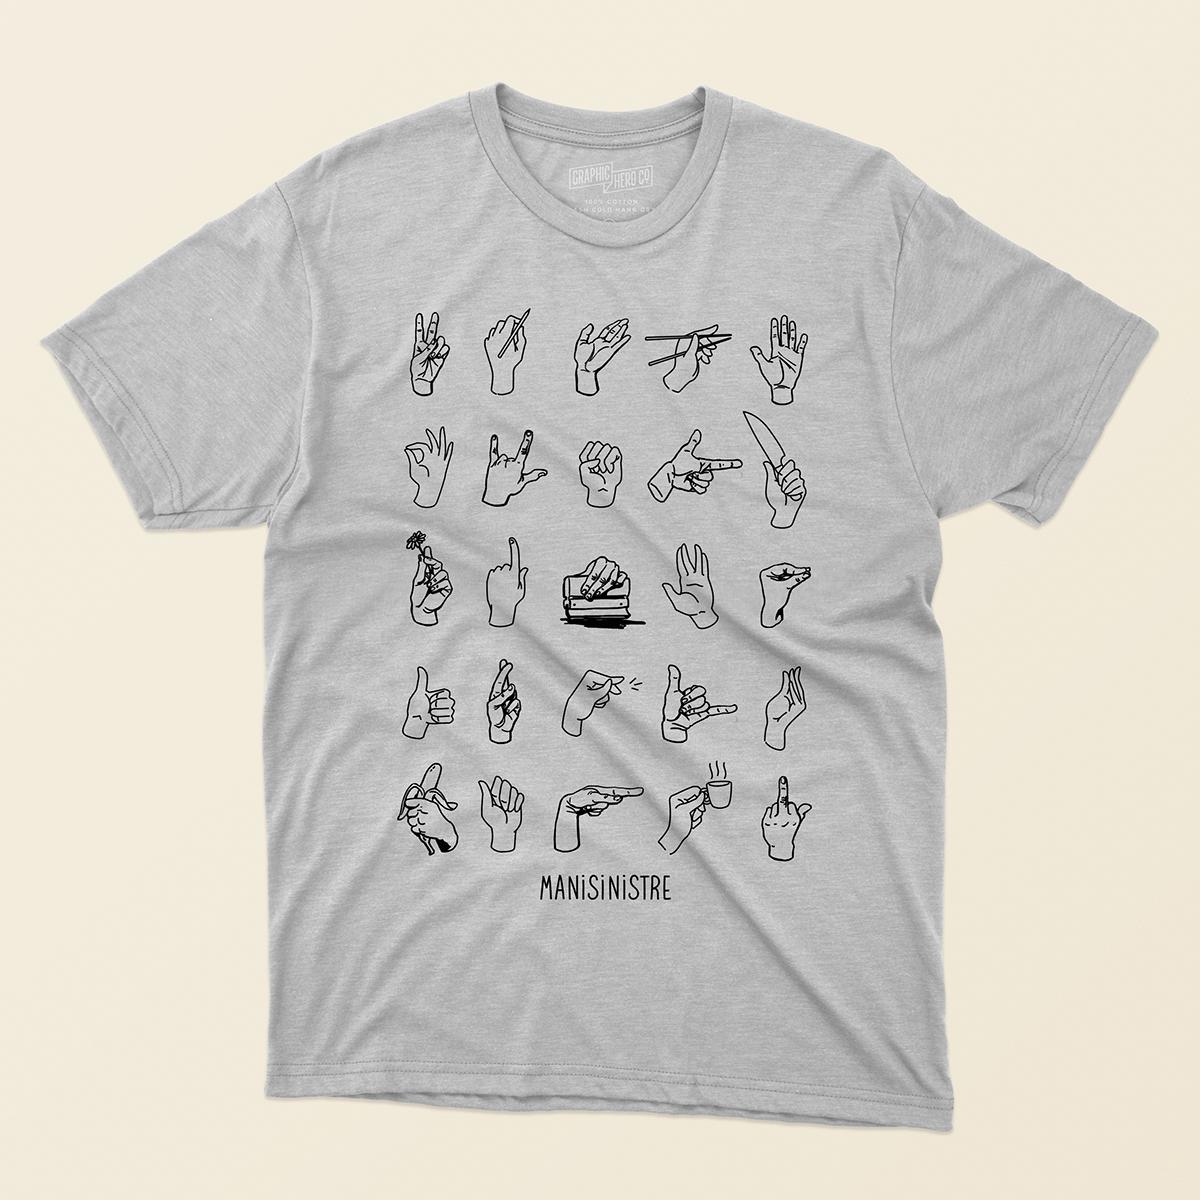 Image may contain: active shirt, shirt and clothing